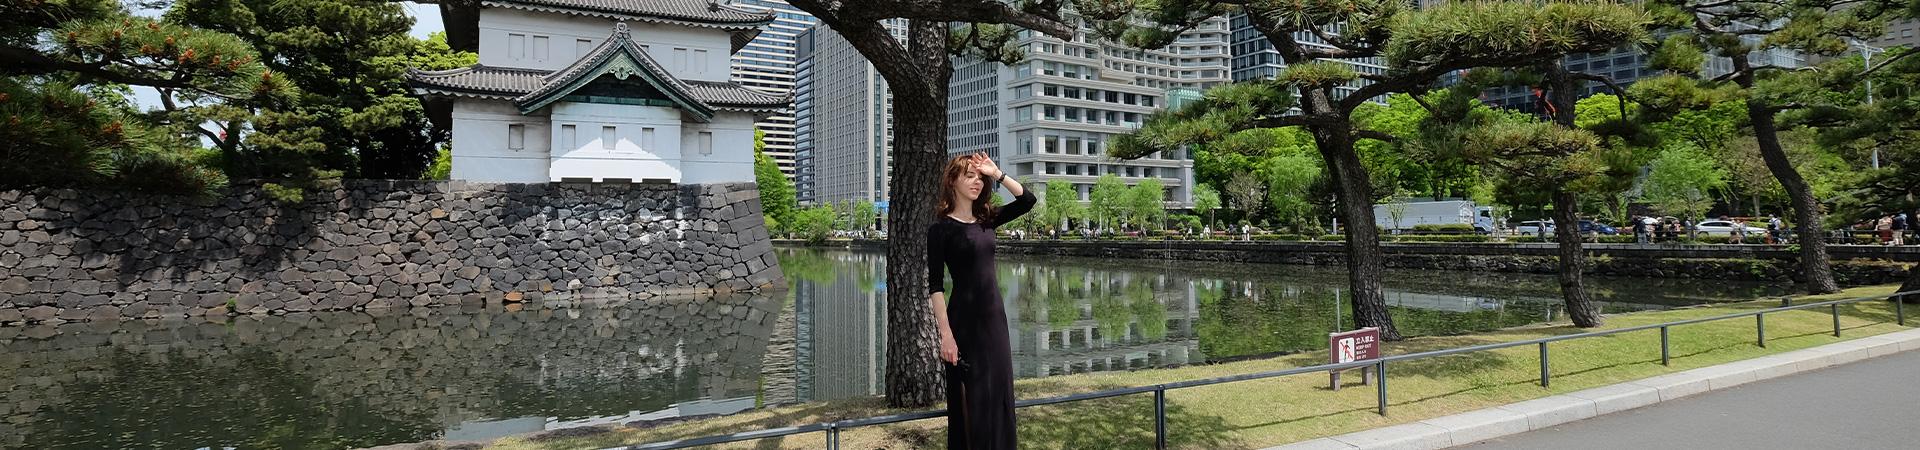 Stefanie Joosten Tree